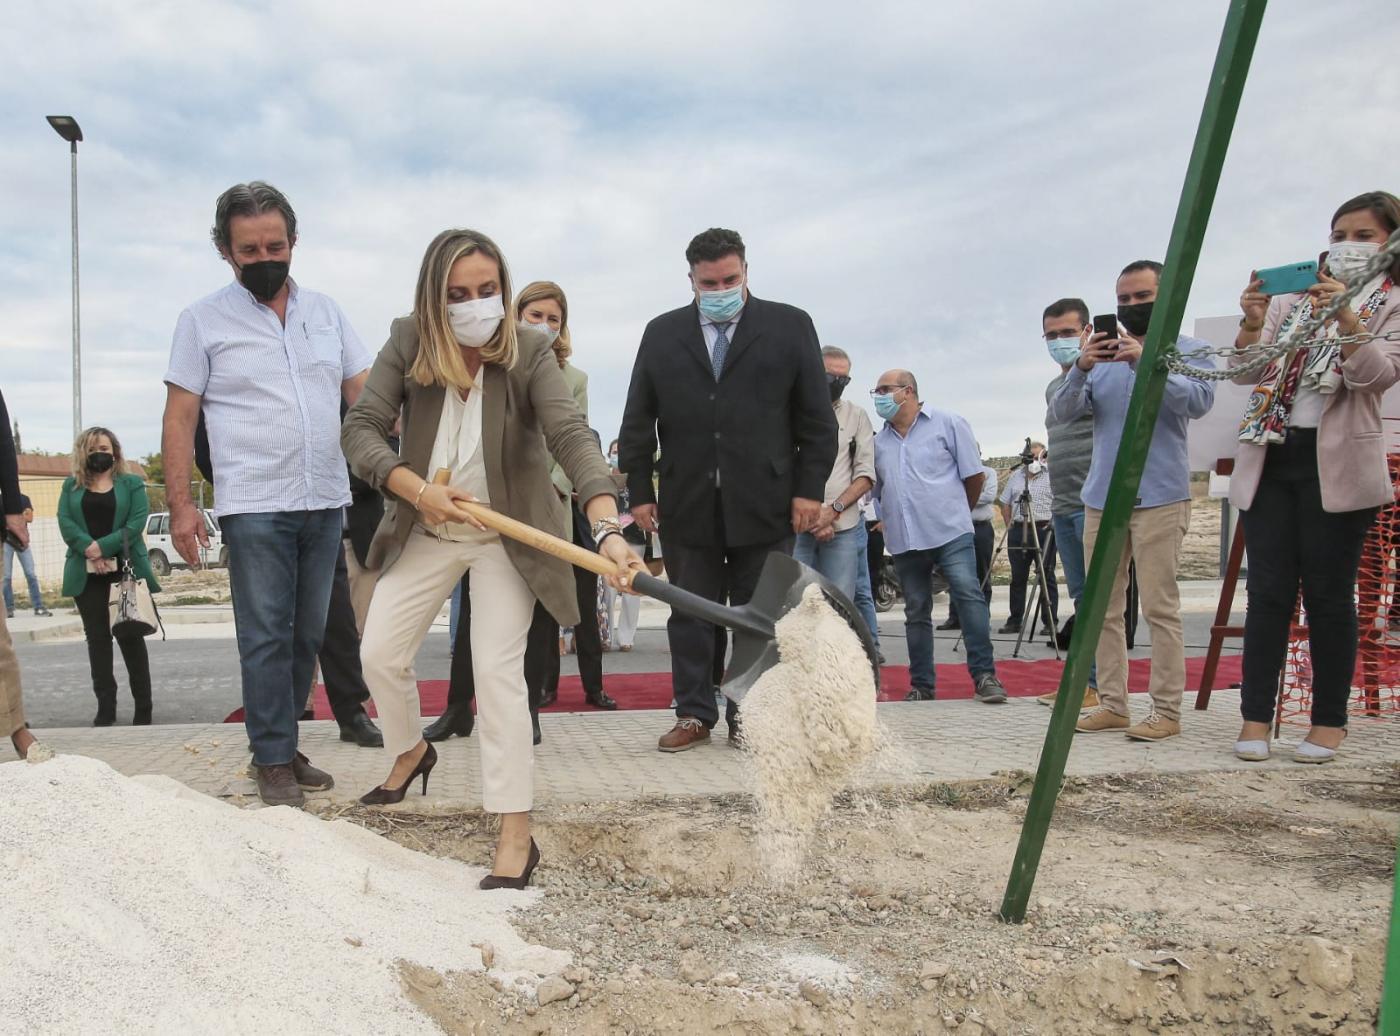 Más de 1,5 millones de euros para la mejora de carretera a la base de Morón